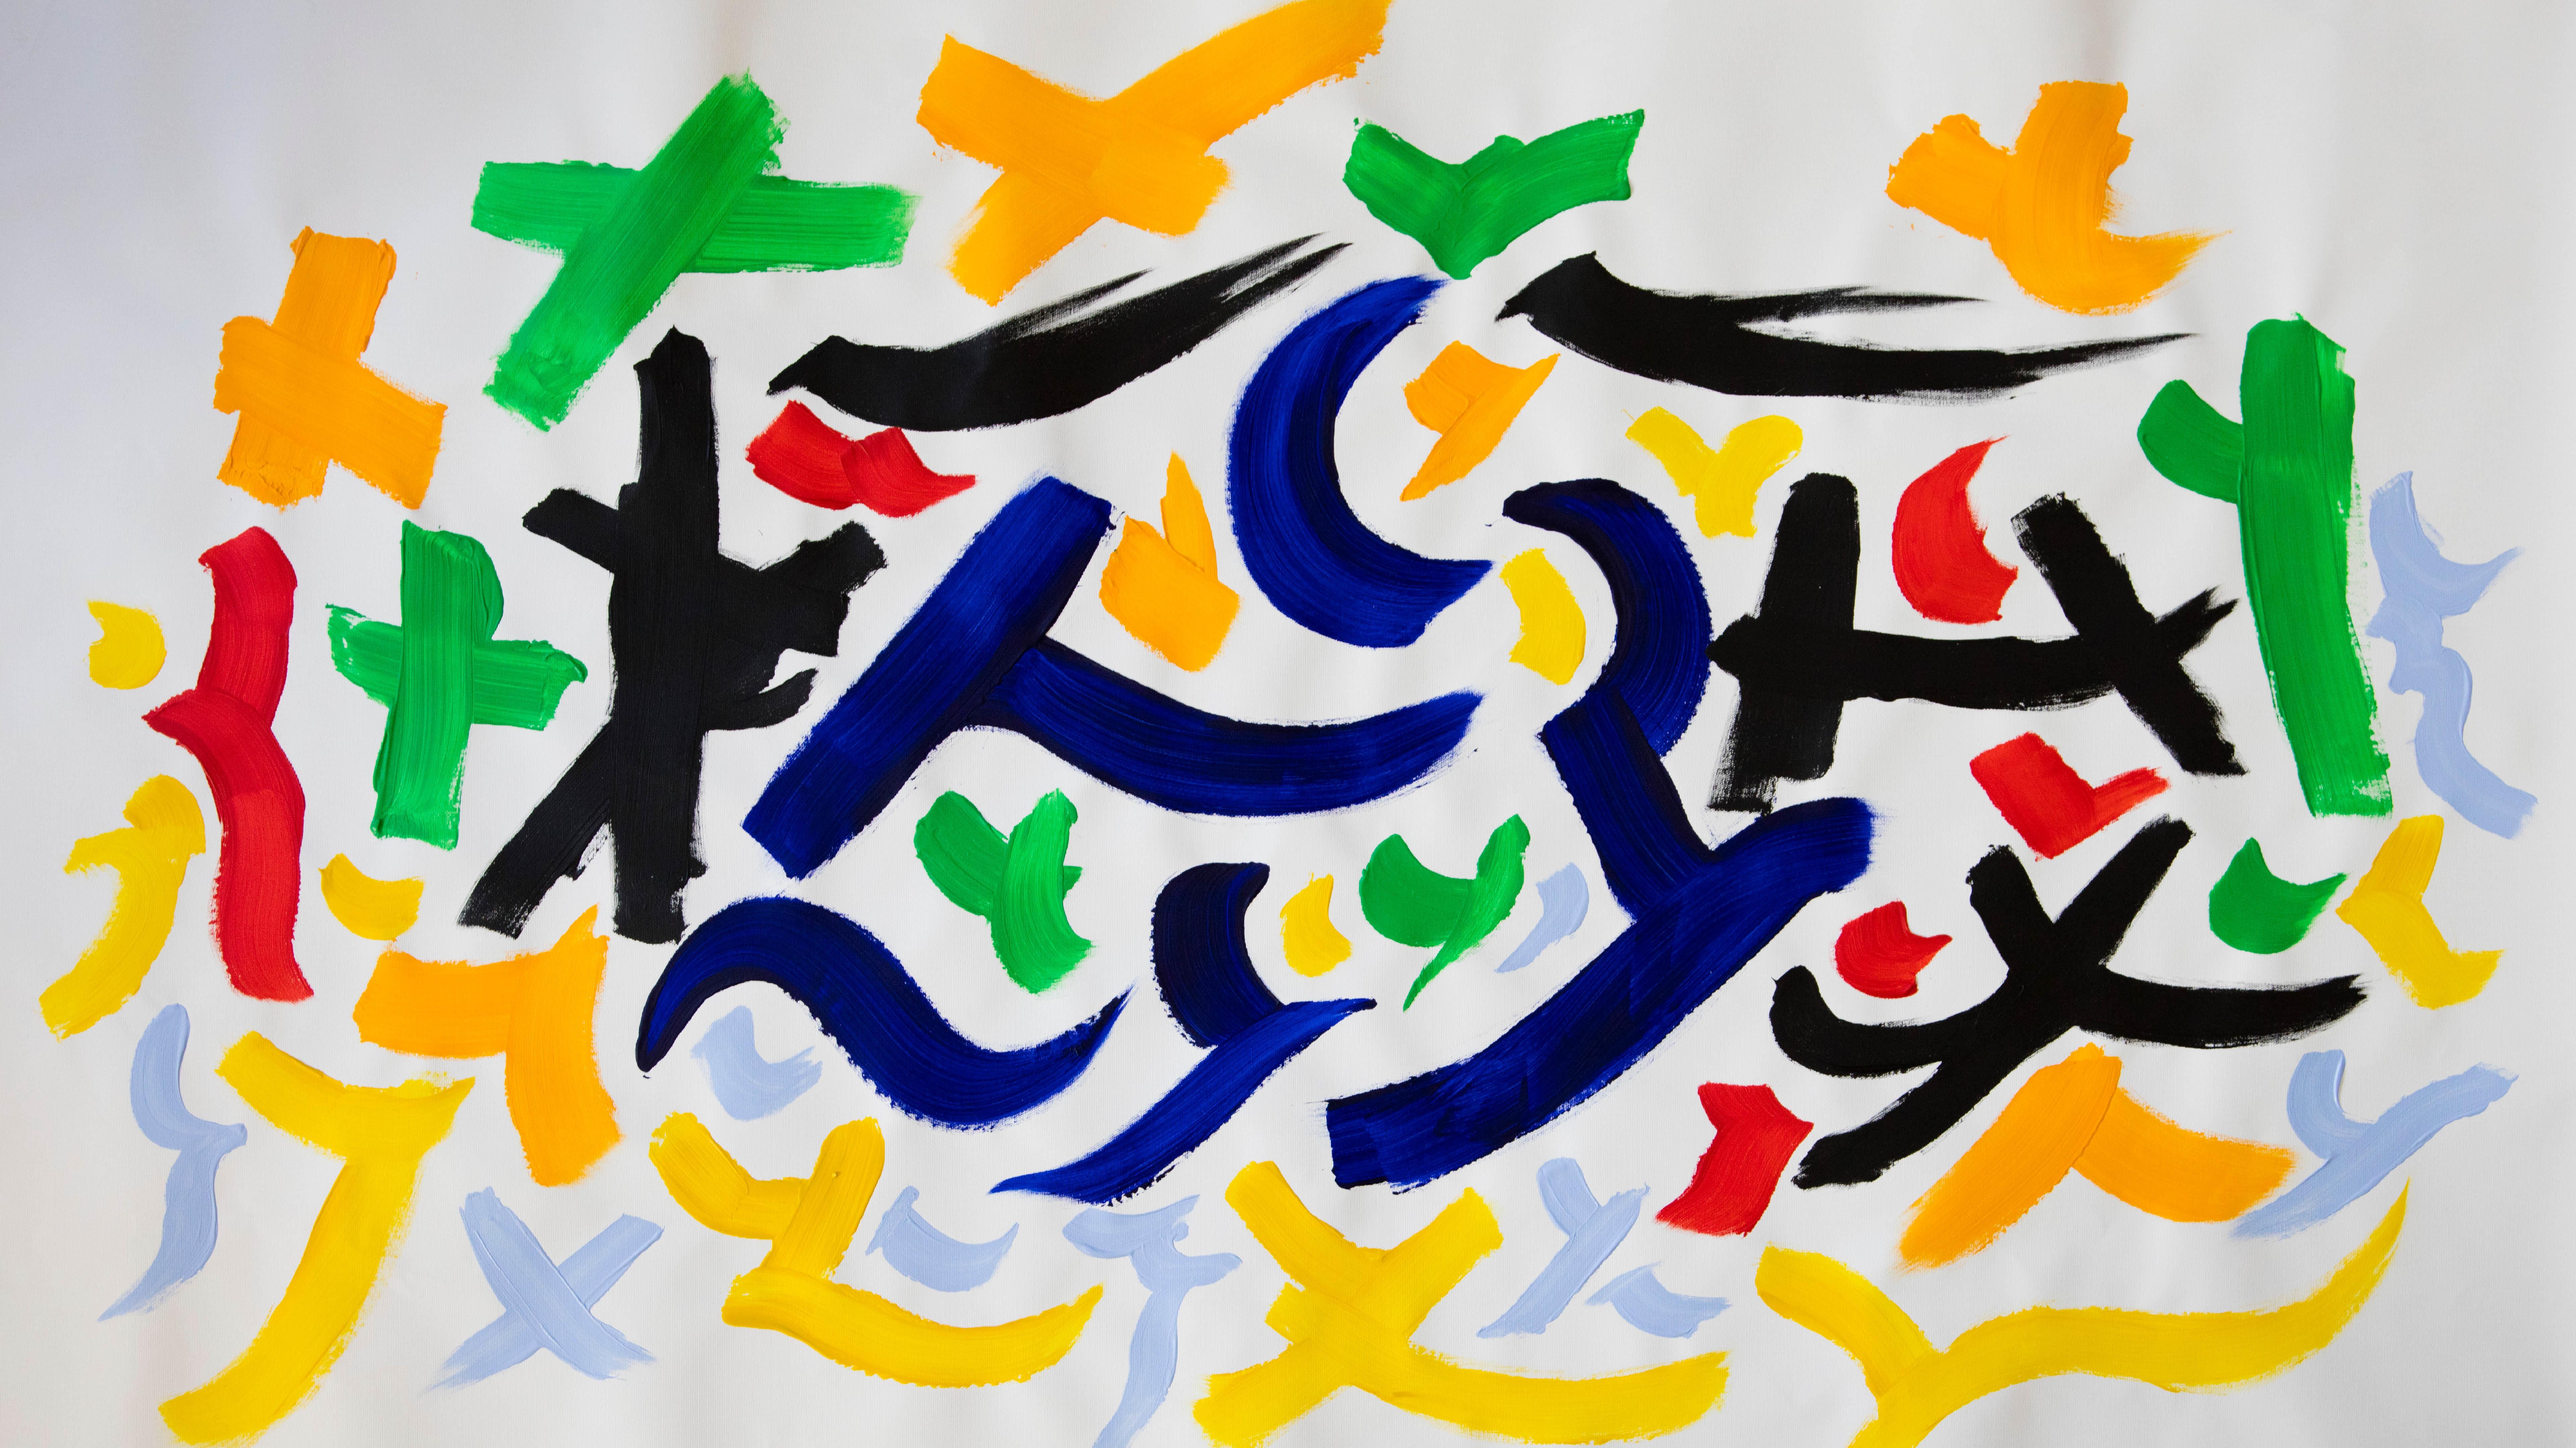 Moroccan Artist Tahar Ben Jelloun Exhibits In Dubai